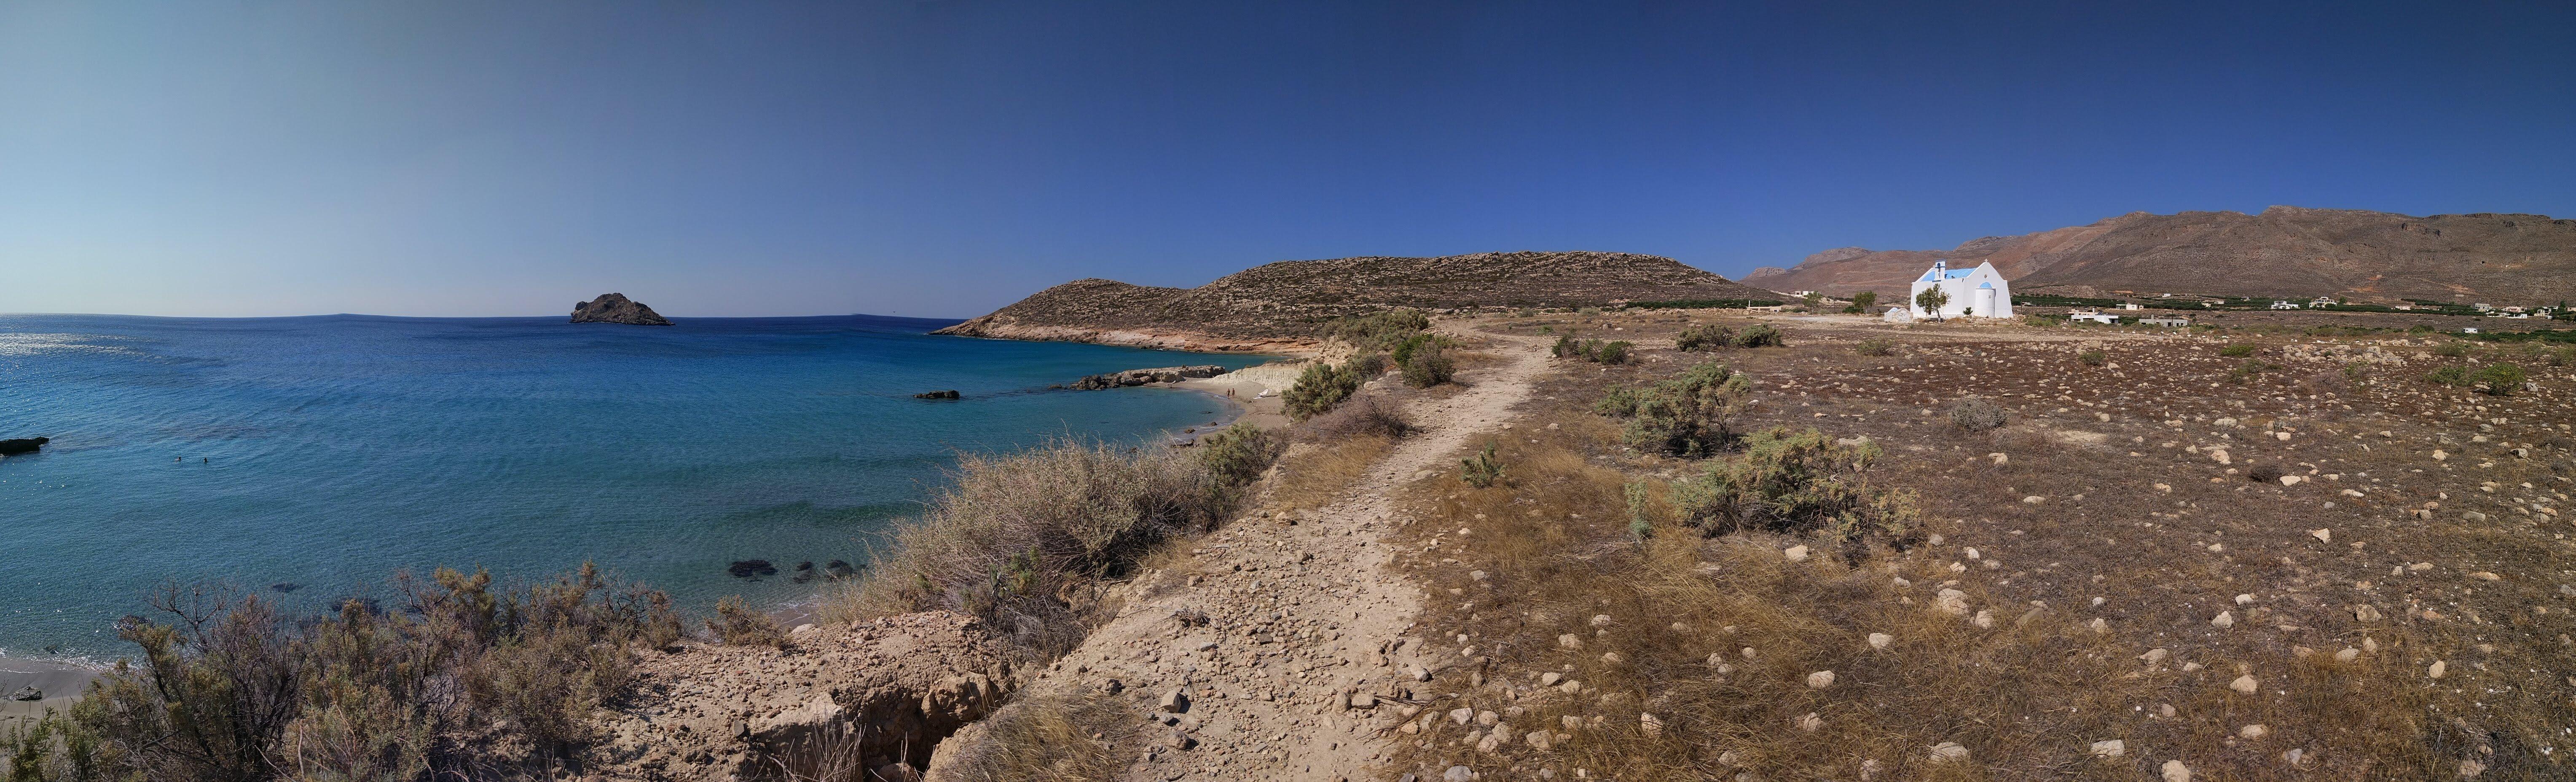 Agios Nikolaos_xerocambos